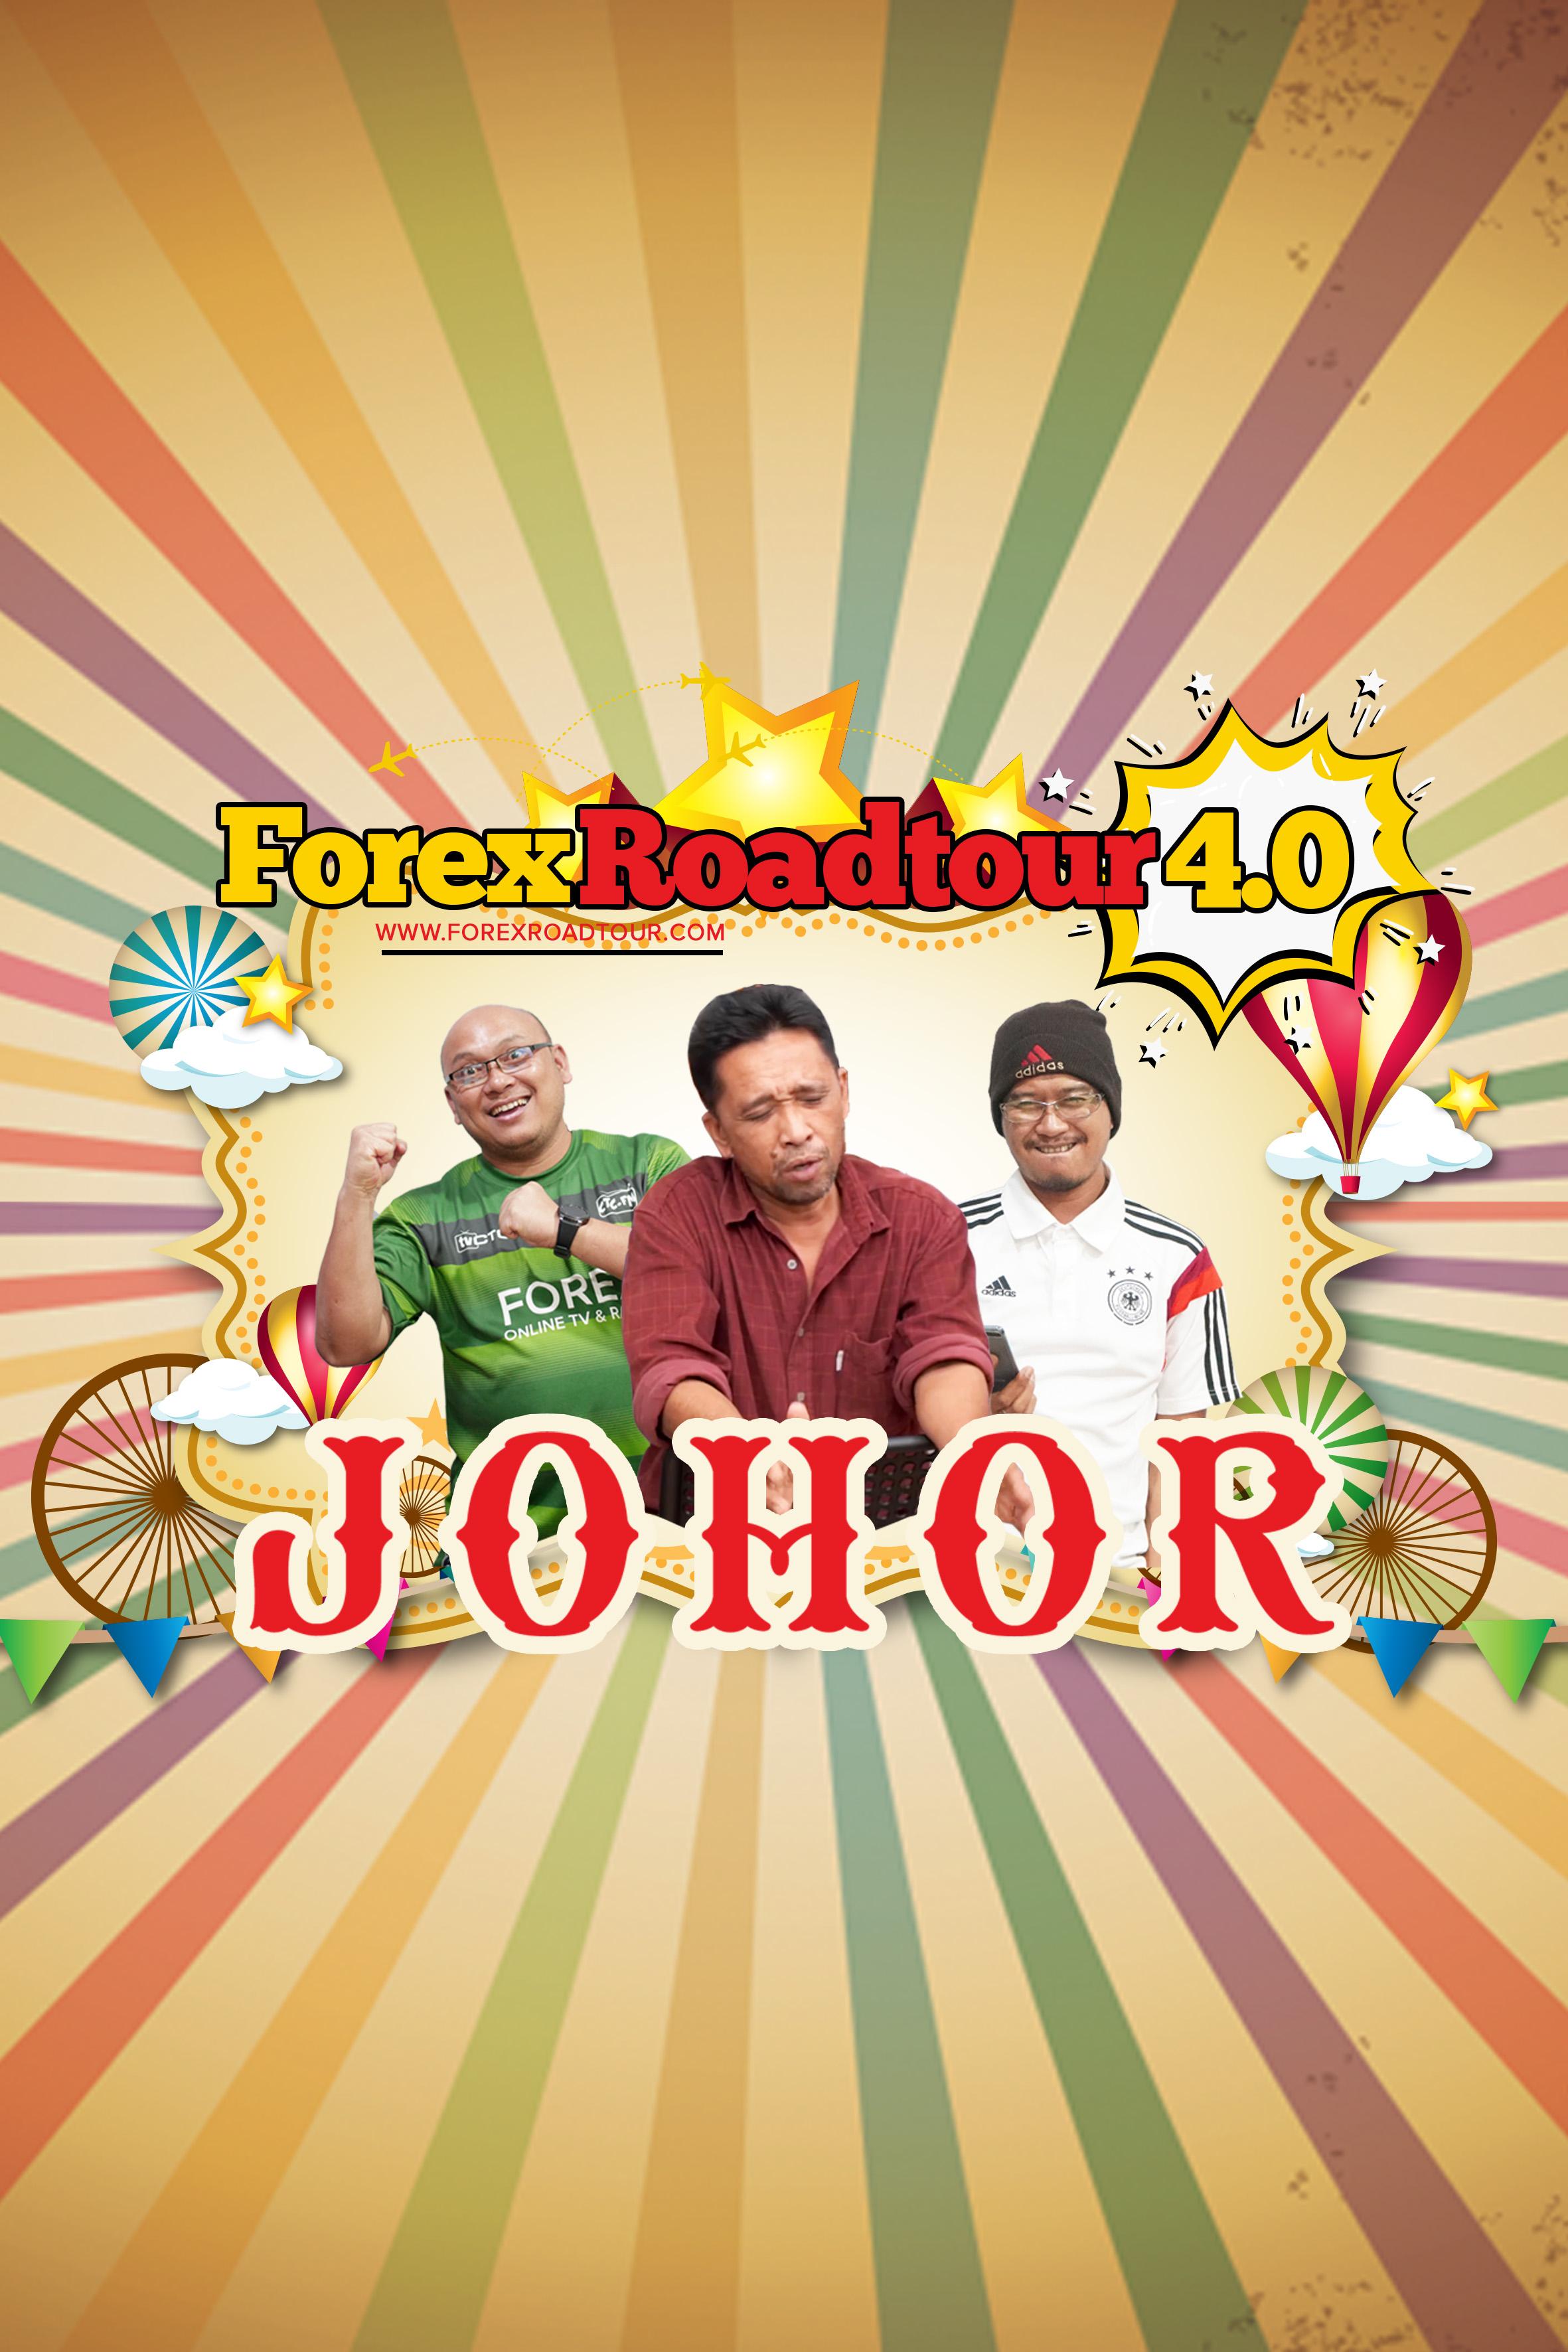 Forex Roadtour 4.0 - Johor